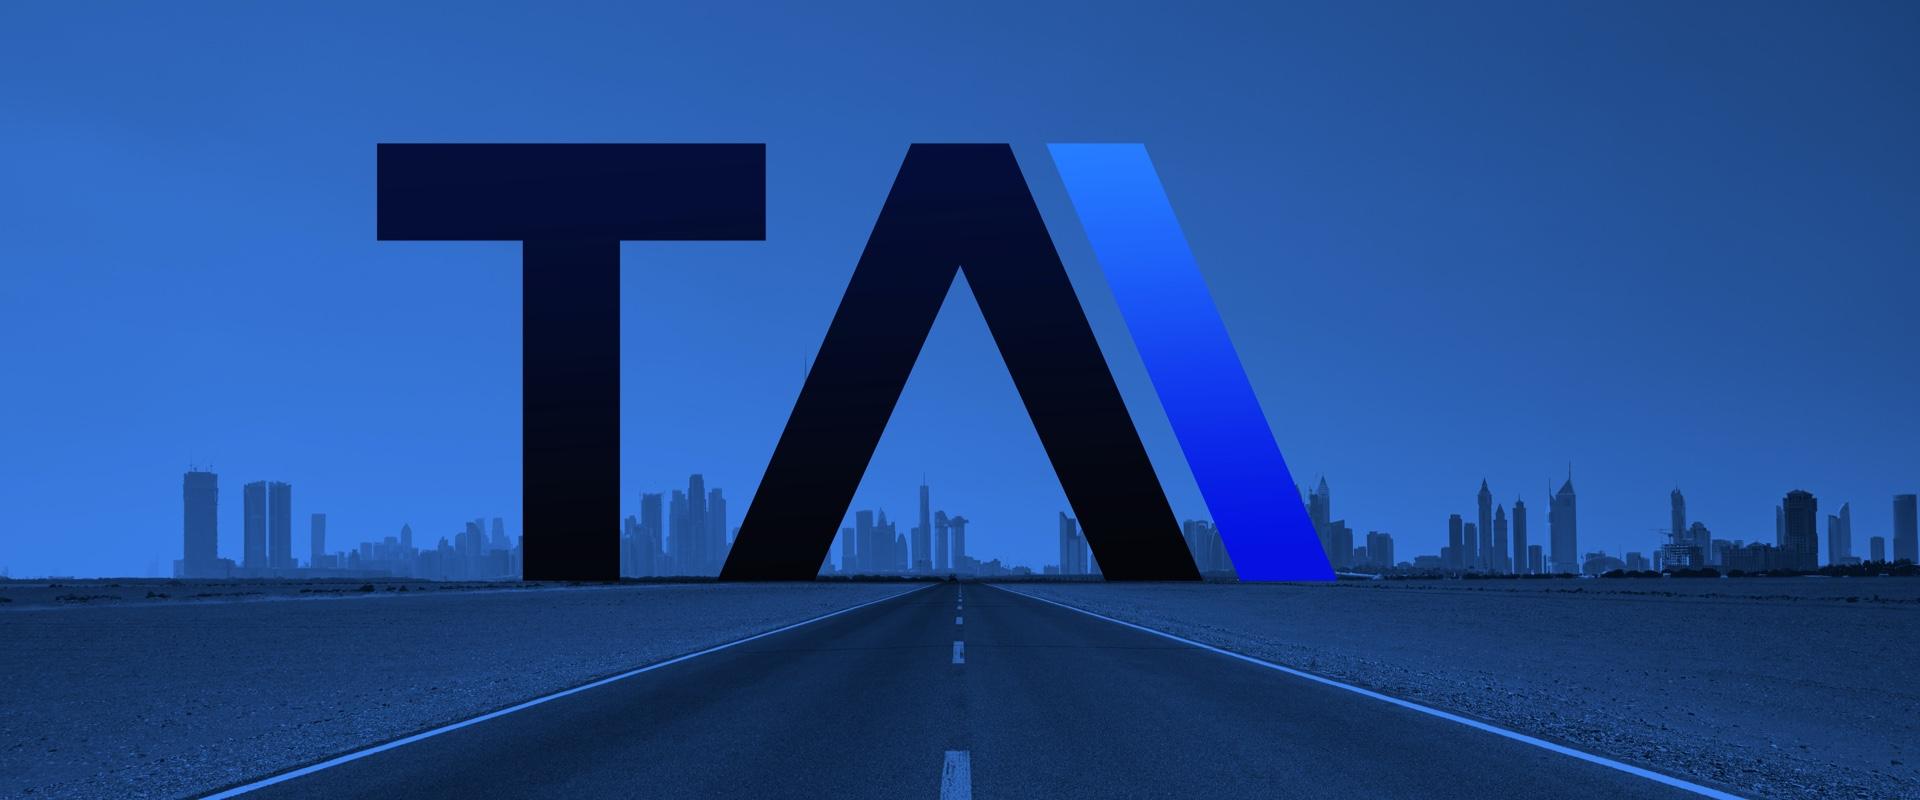 TA Background image